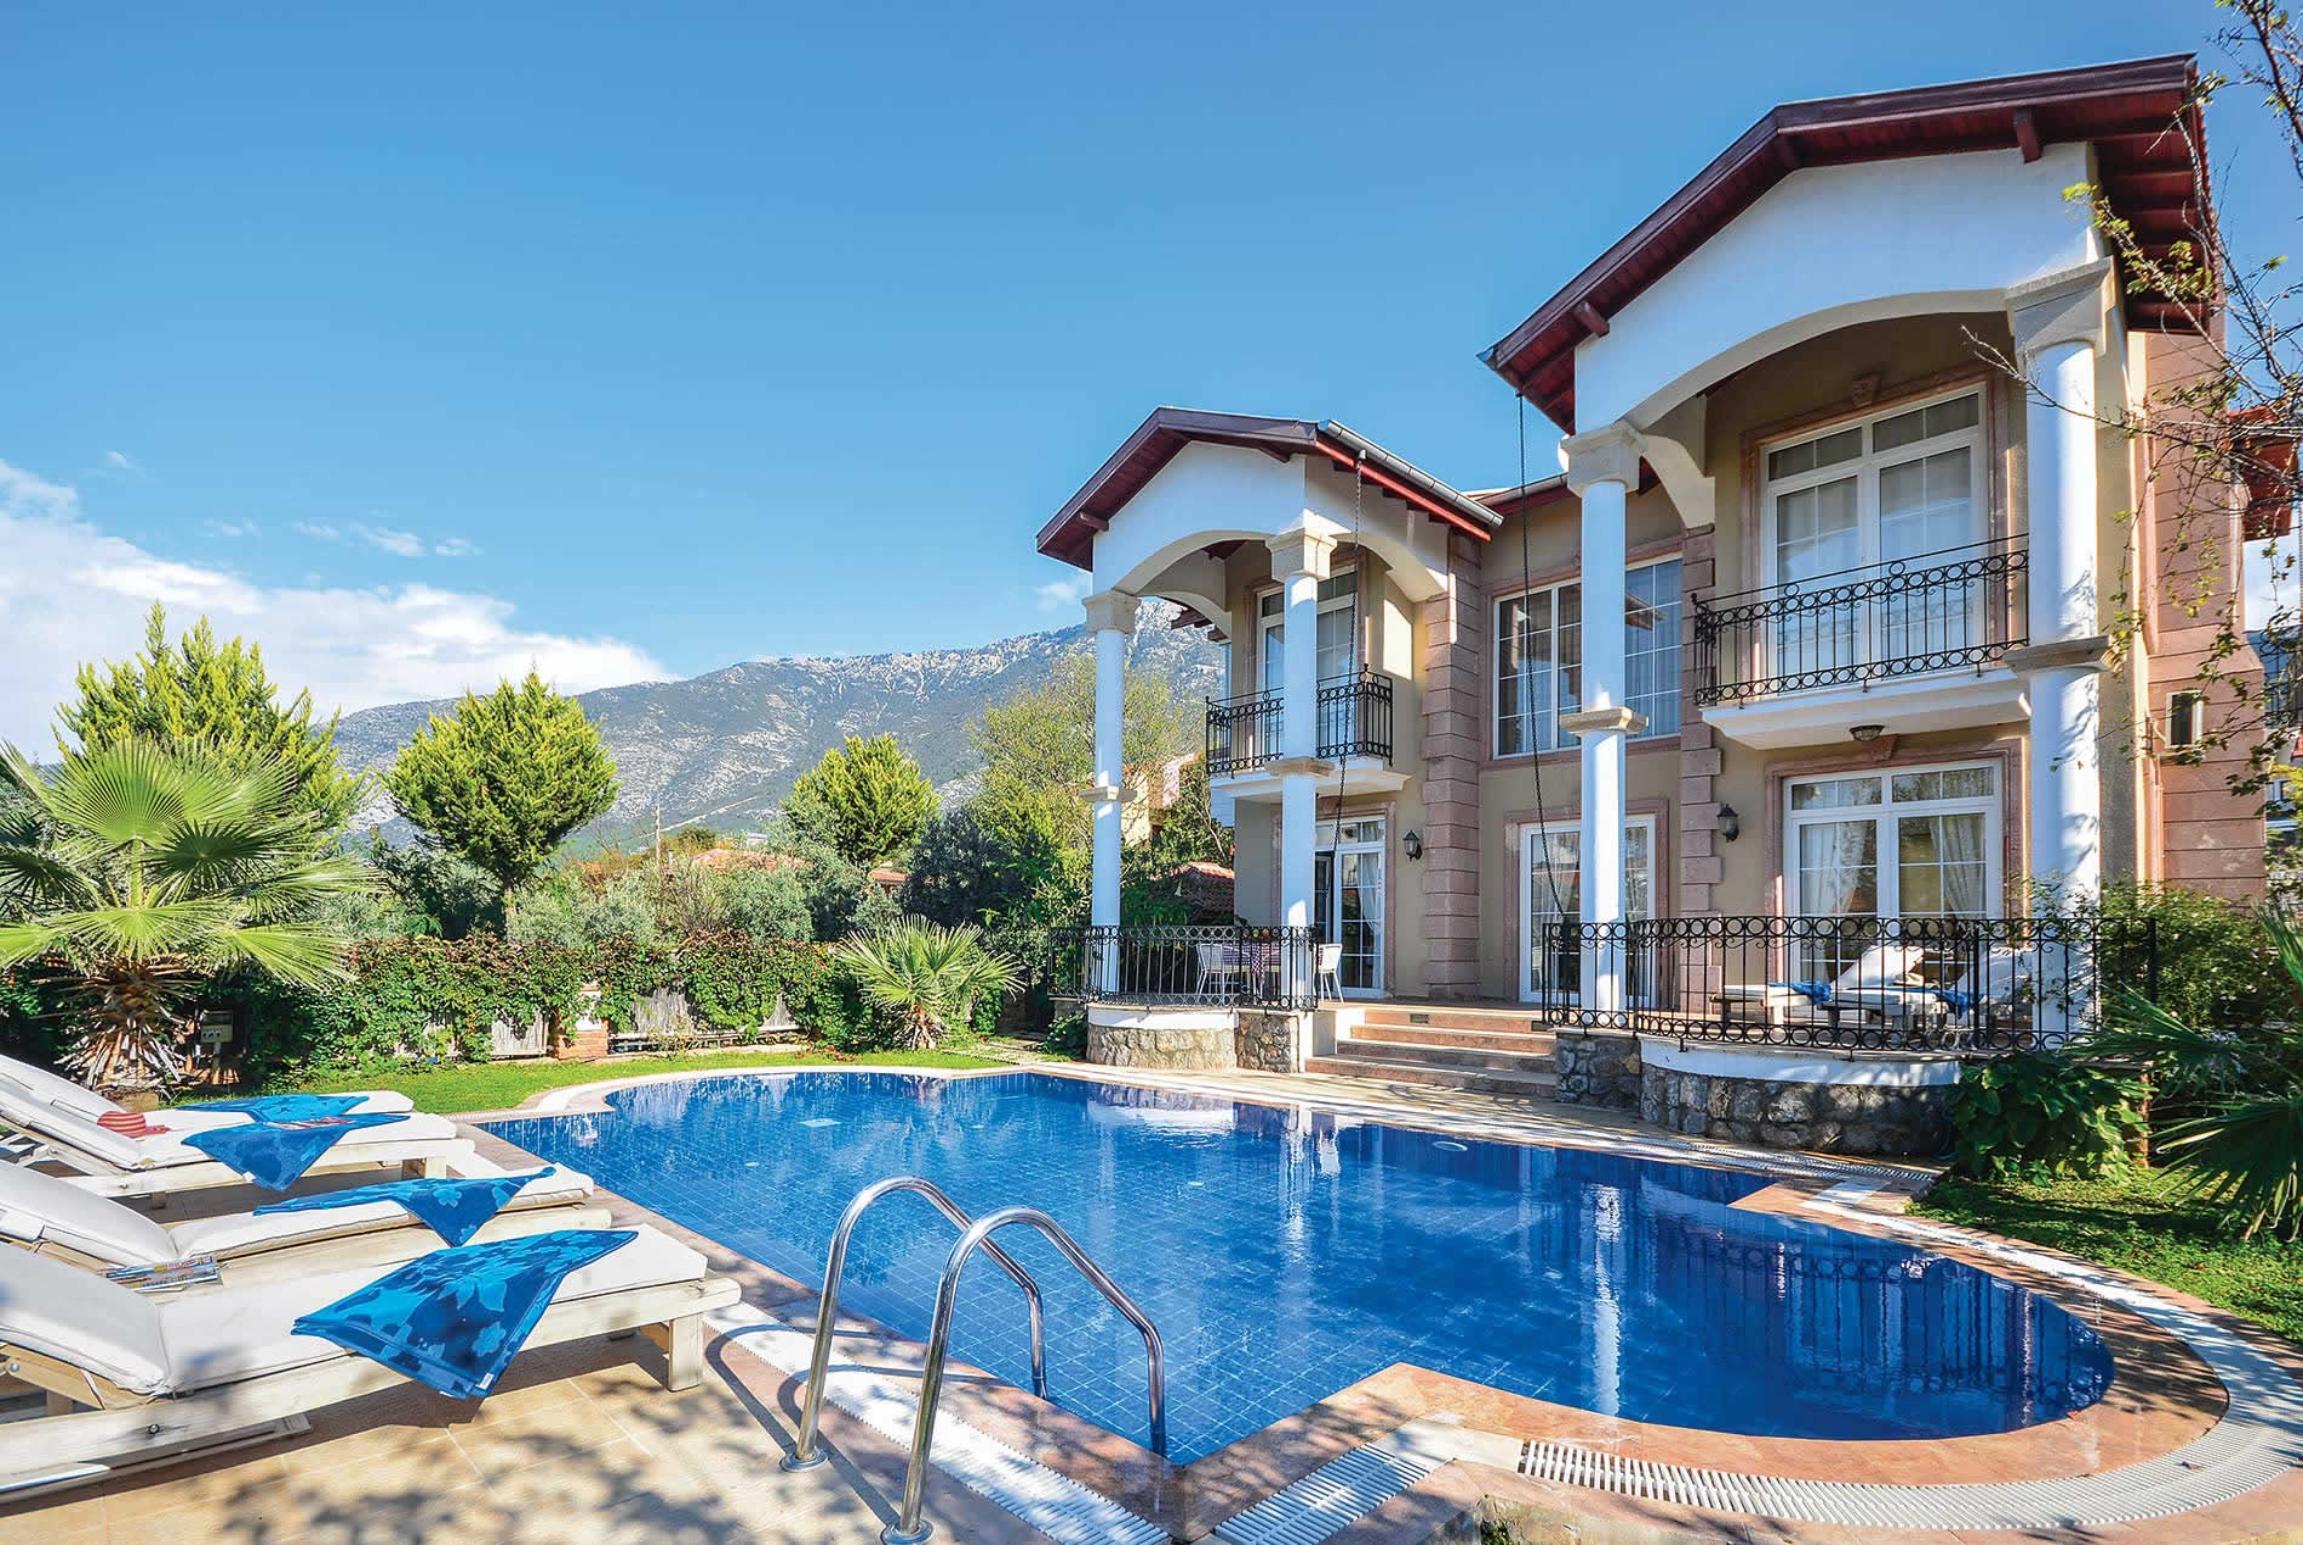 Ferienhaus Pegasus (2653896), Ölüdeniz, , Ägäisregion, Türkei, Bild 10